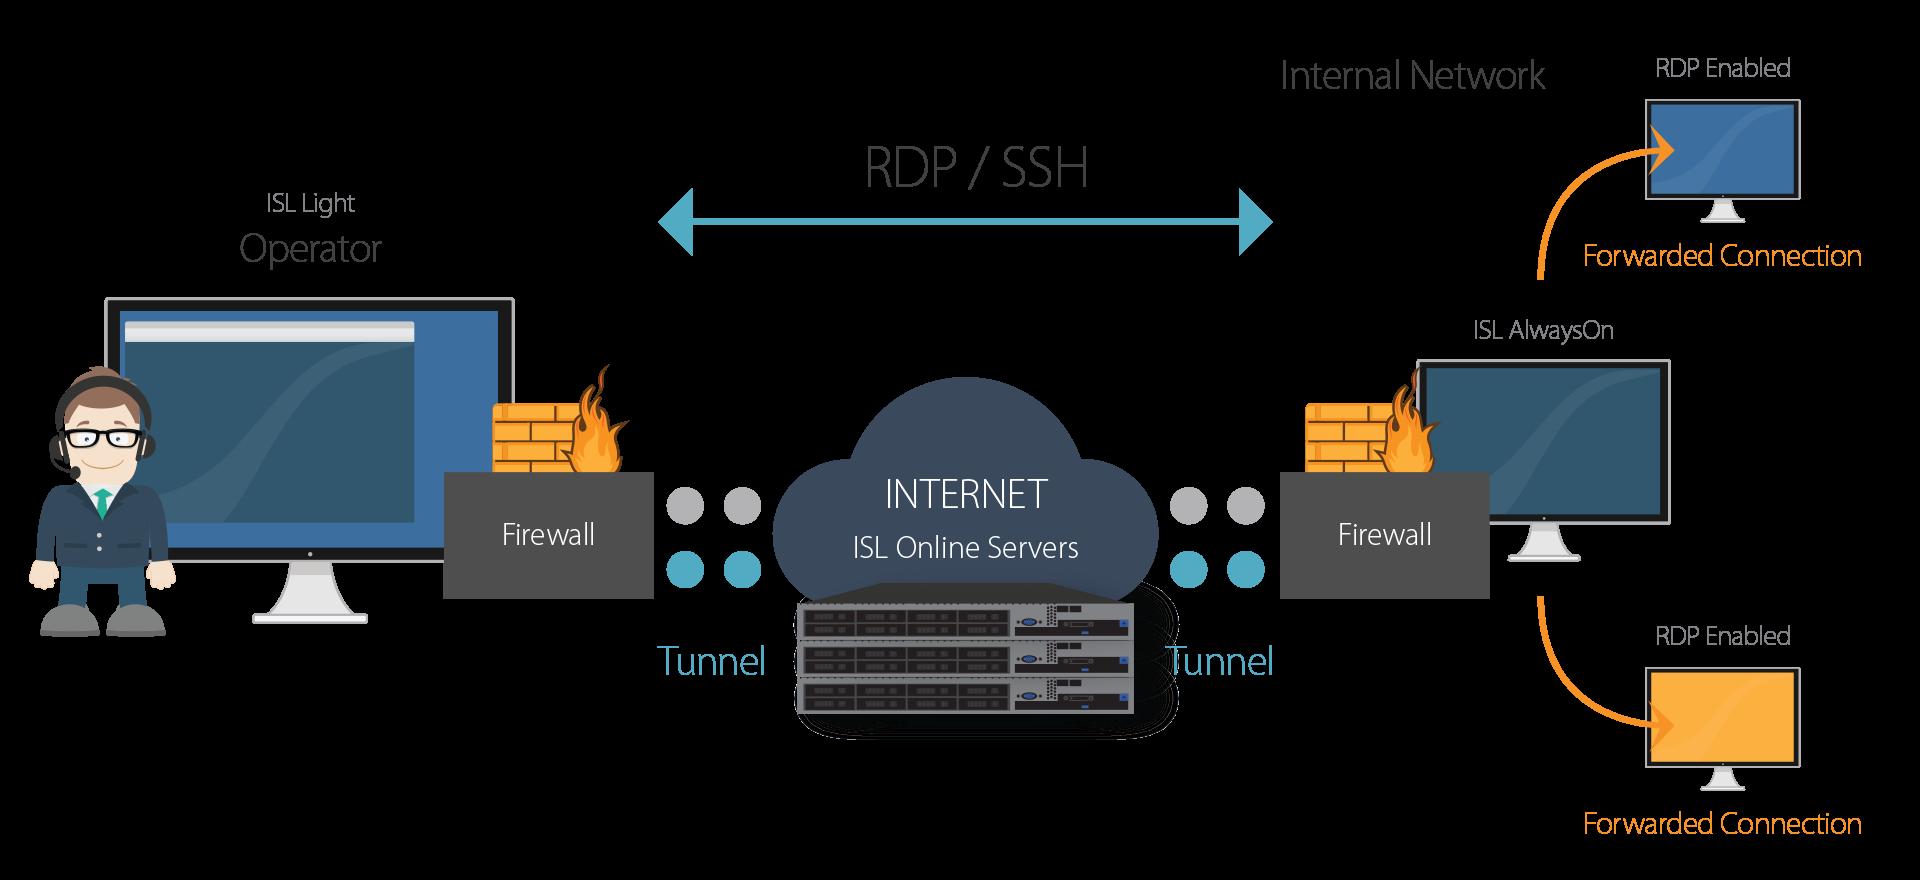 Conéctate vía RDP a través de ISL Online